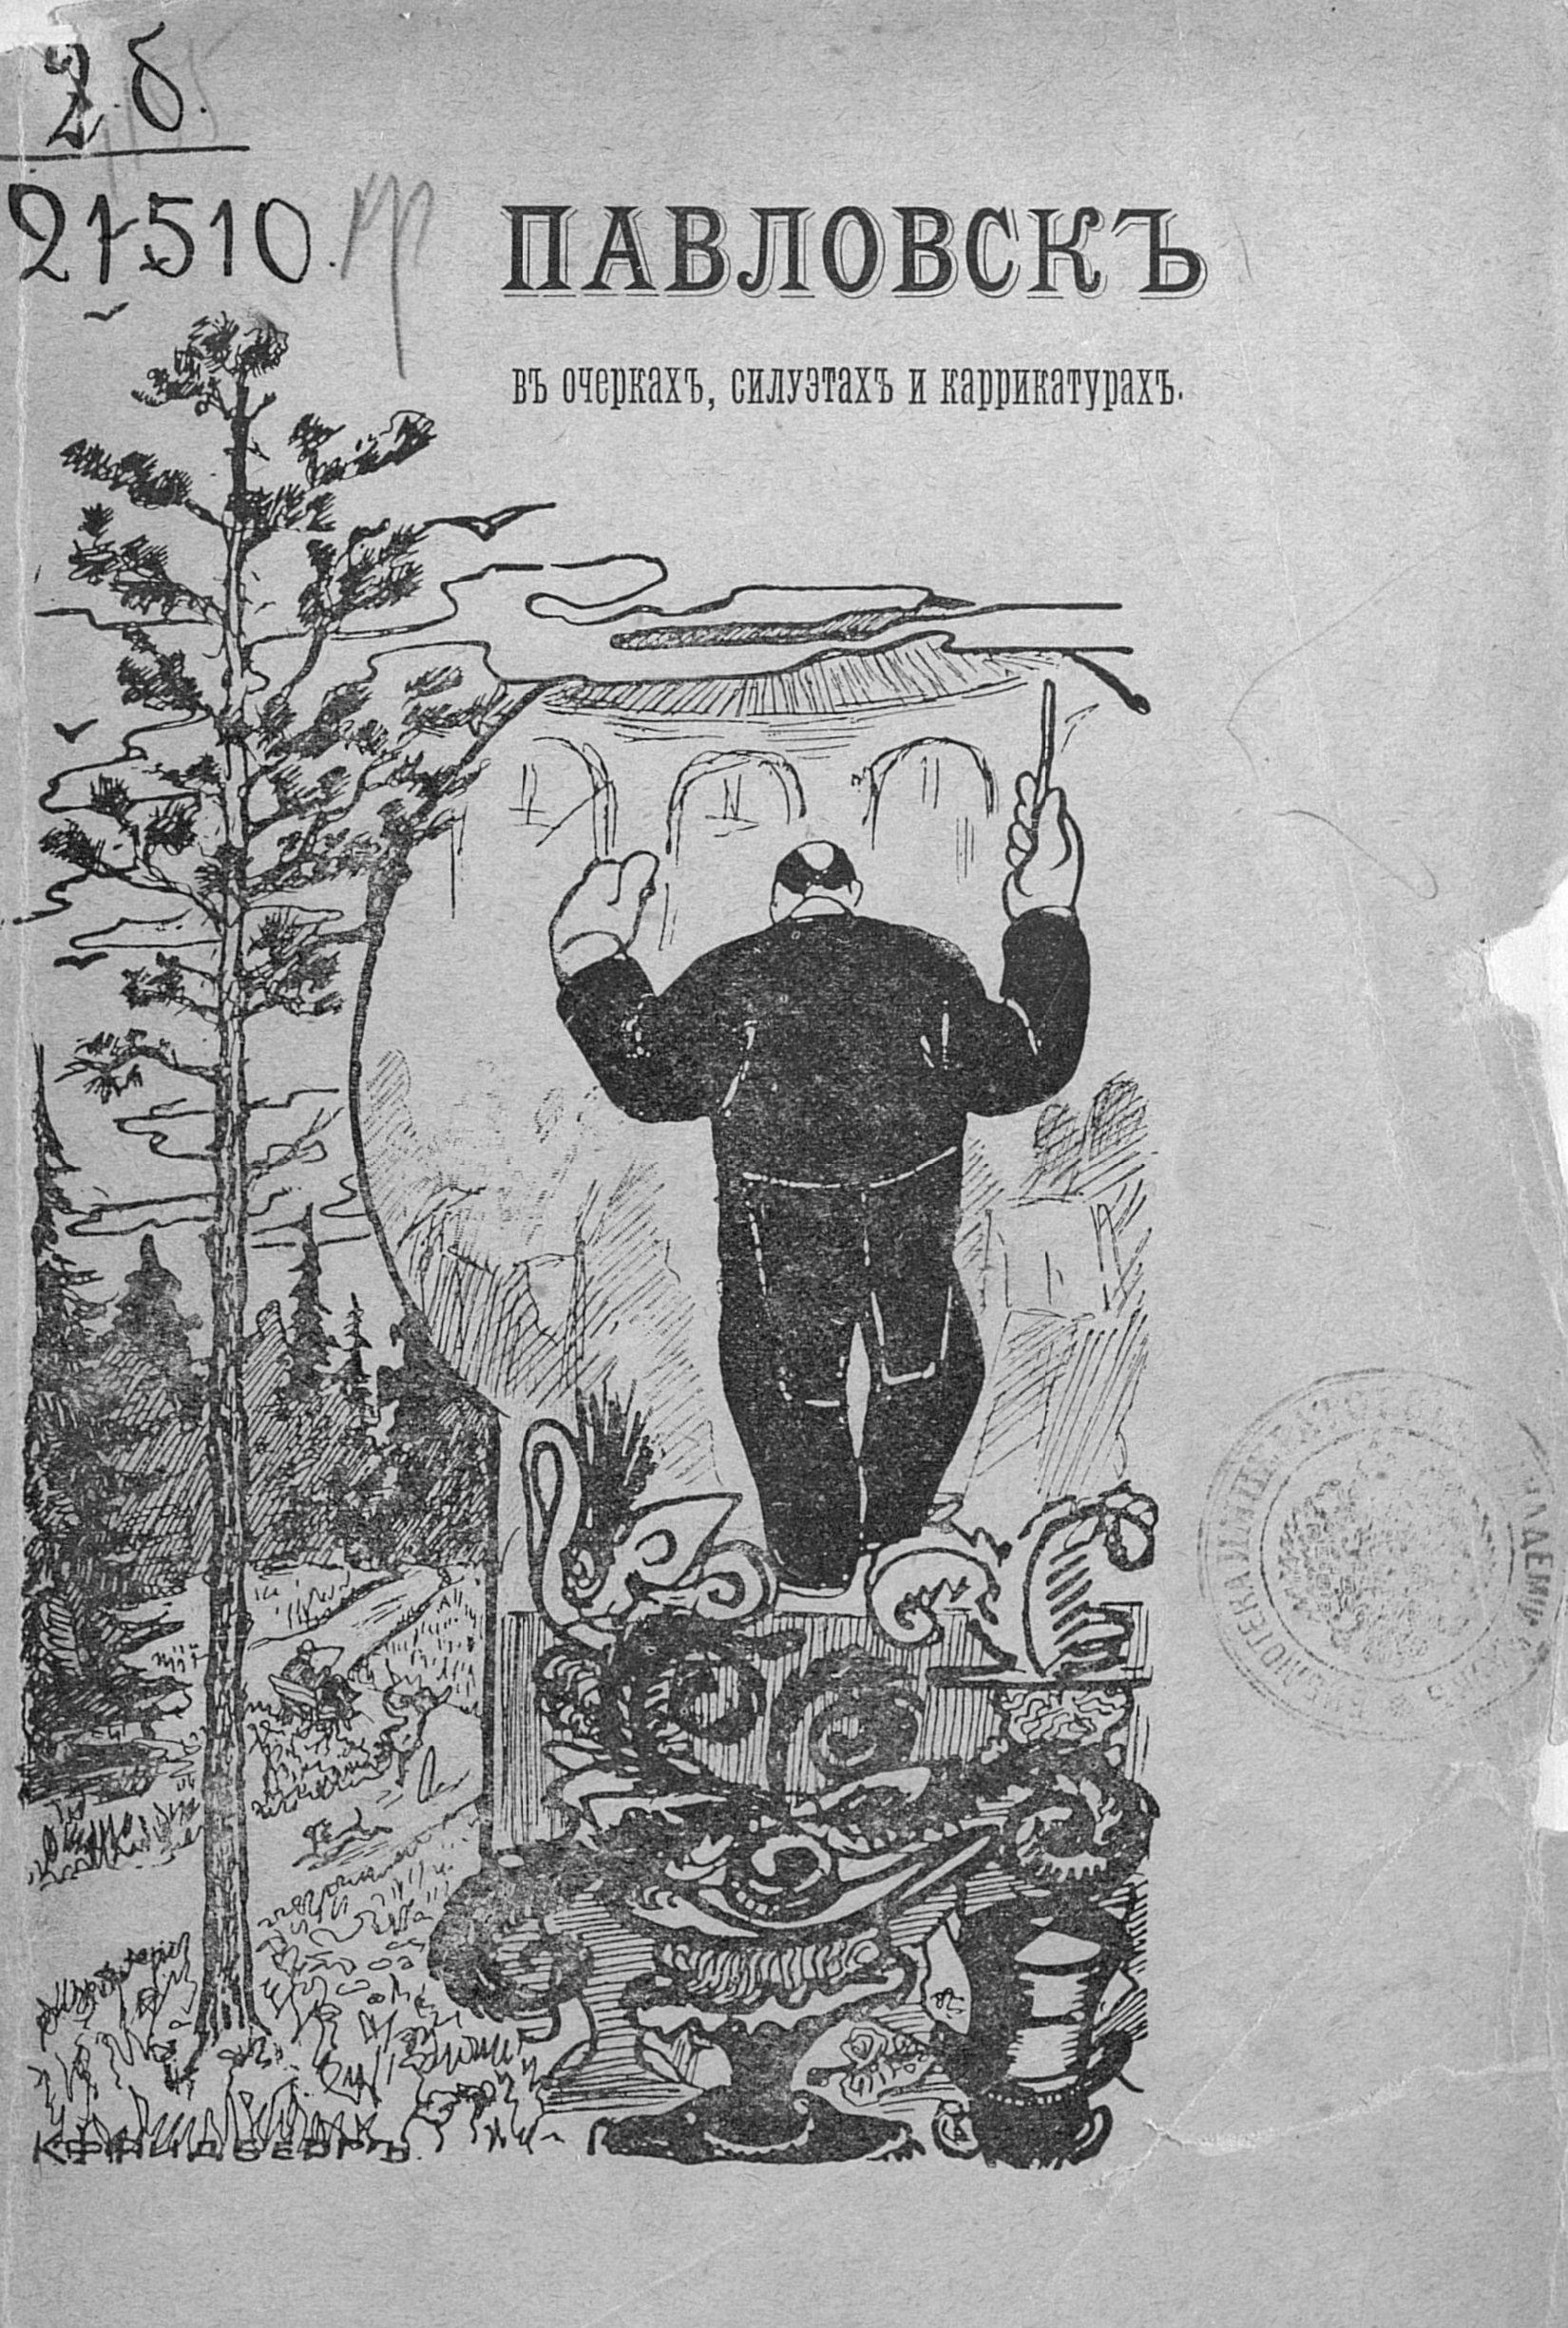 Коллектив авторов Павловск в очерках, силуэтах и карикатурах коллектив авторов психоанализ и искусство